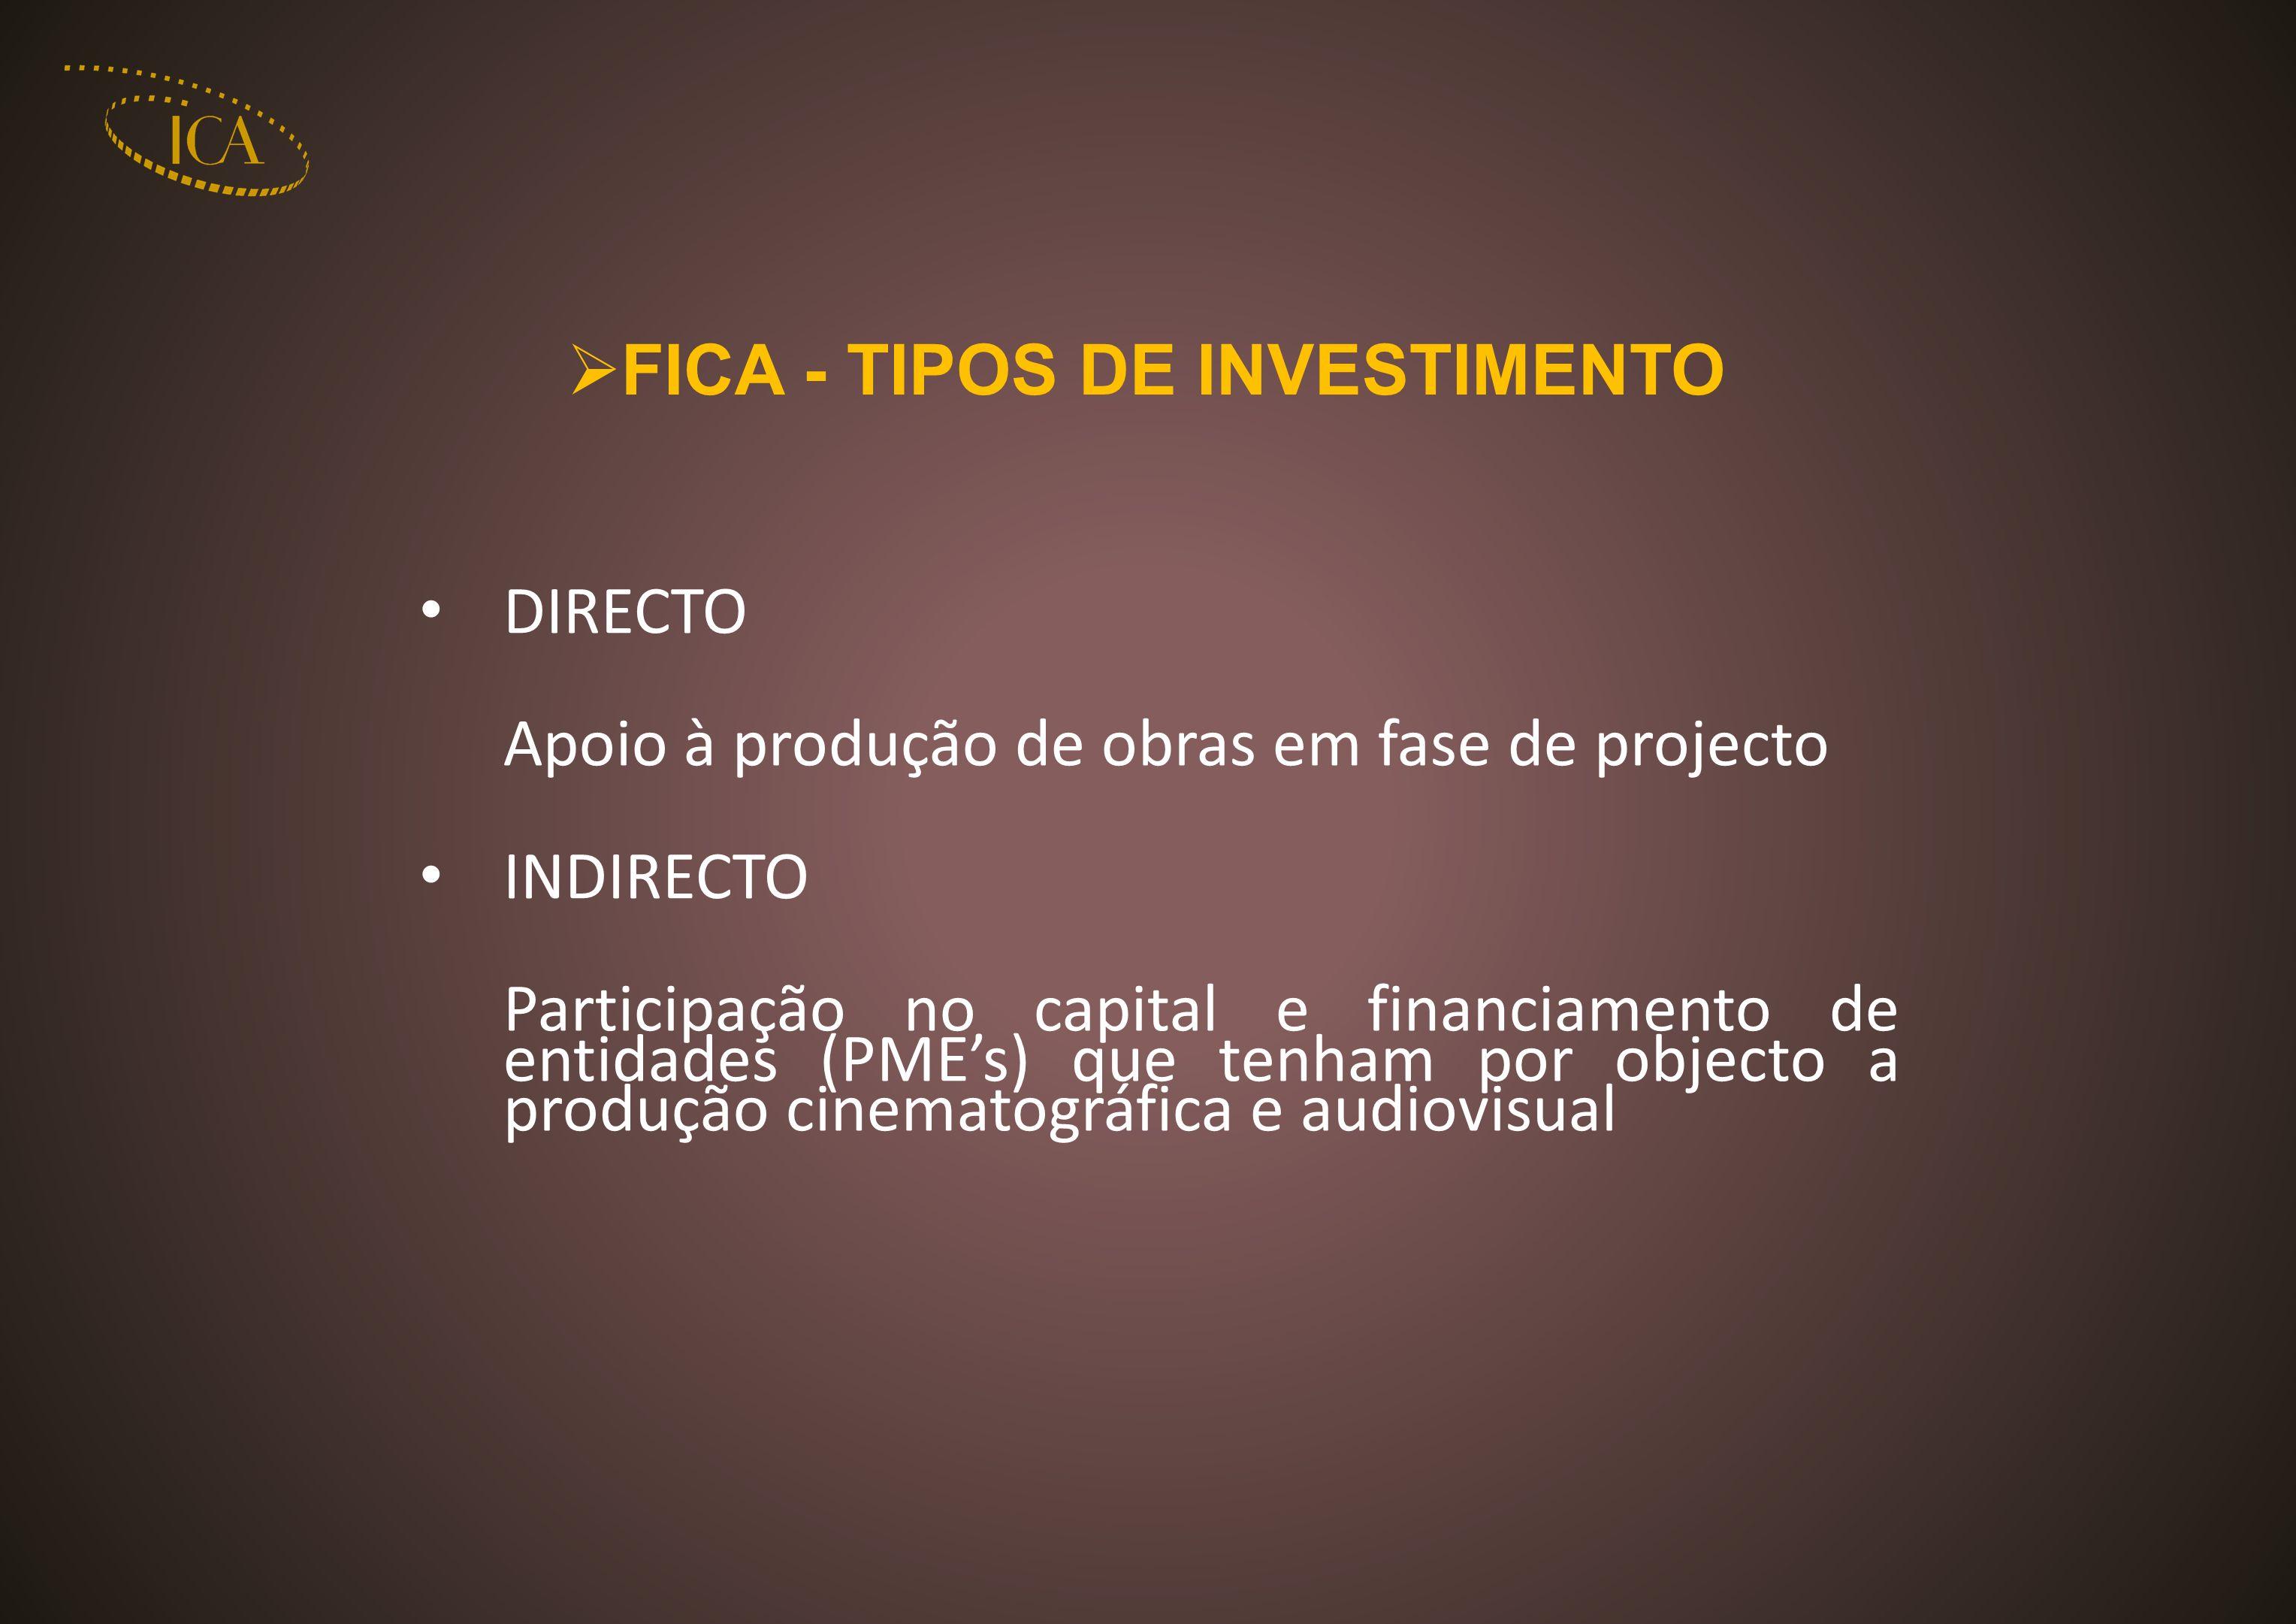 FICA - TIPOS DE INVESTIMENTO DIRECTO Apoio à produção de obras em fase de projecto INDIRECTO Participação no capital e financiamento de entidades (PME